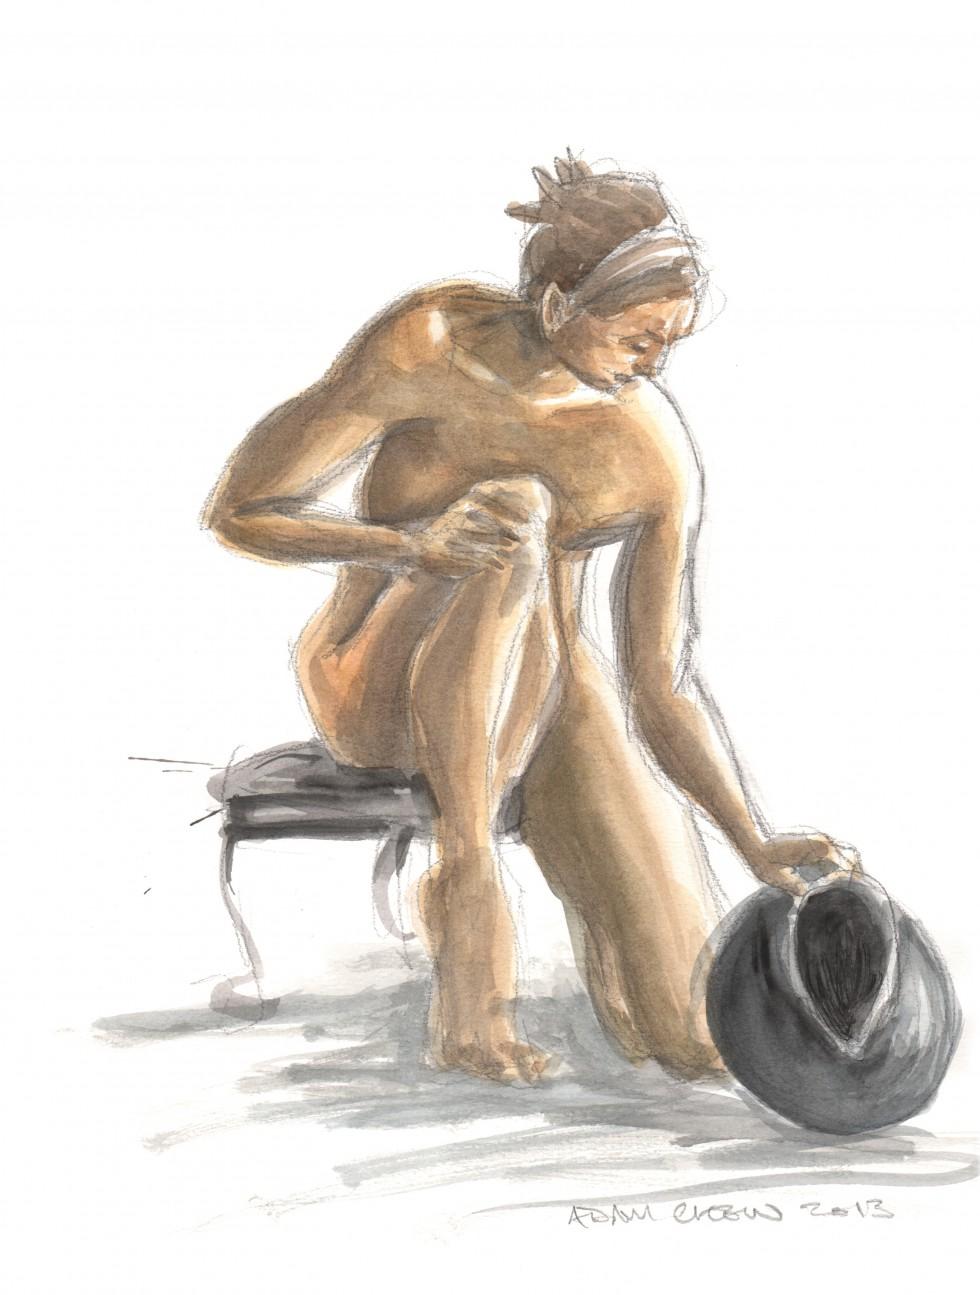 Woman with Vase 2 - Adam Chew, 2013